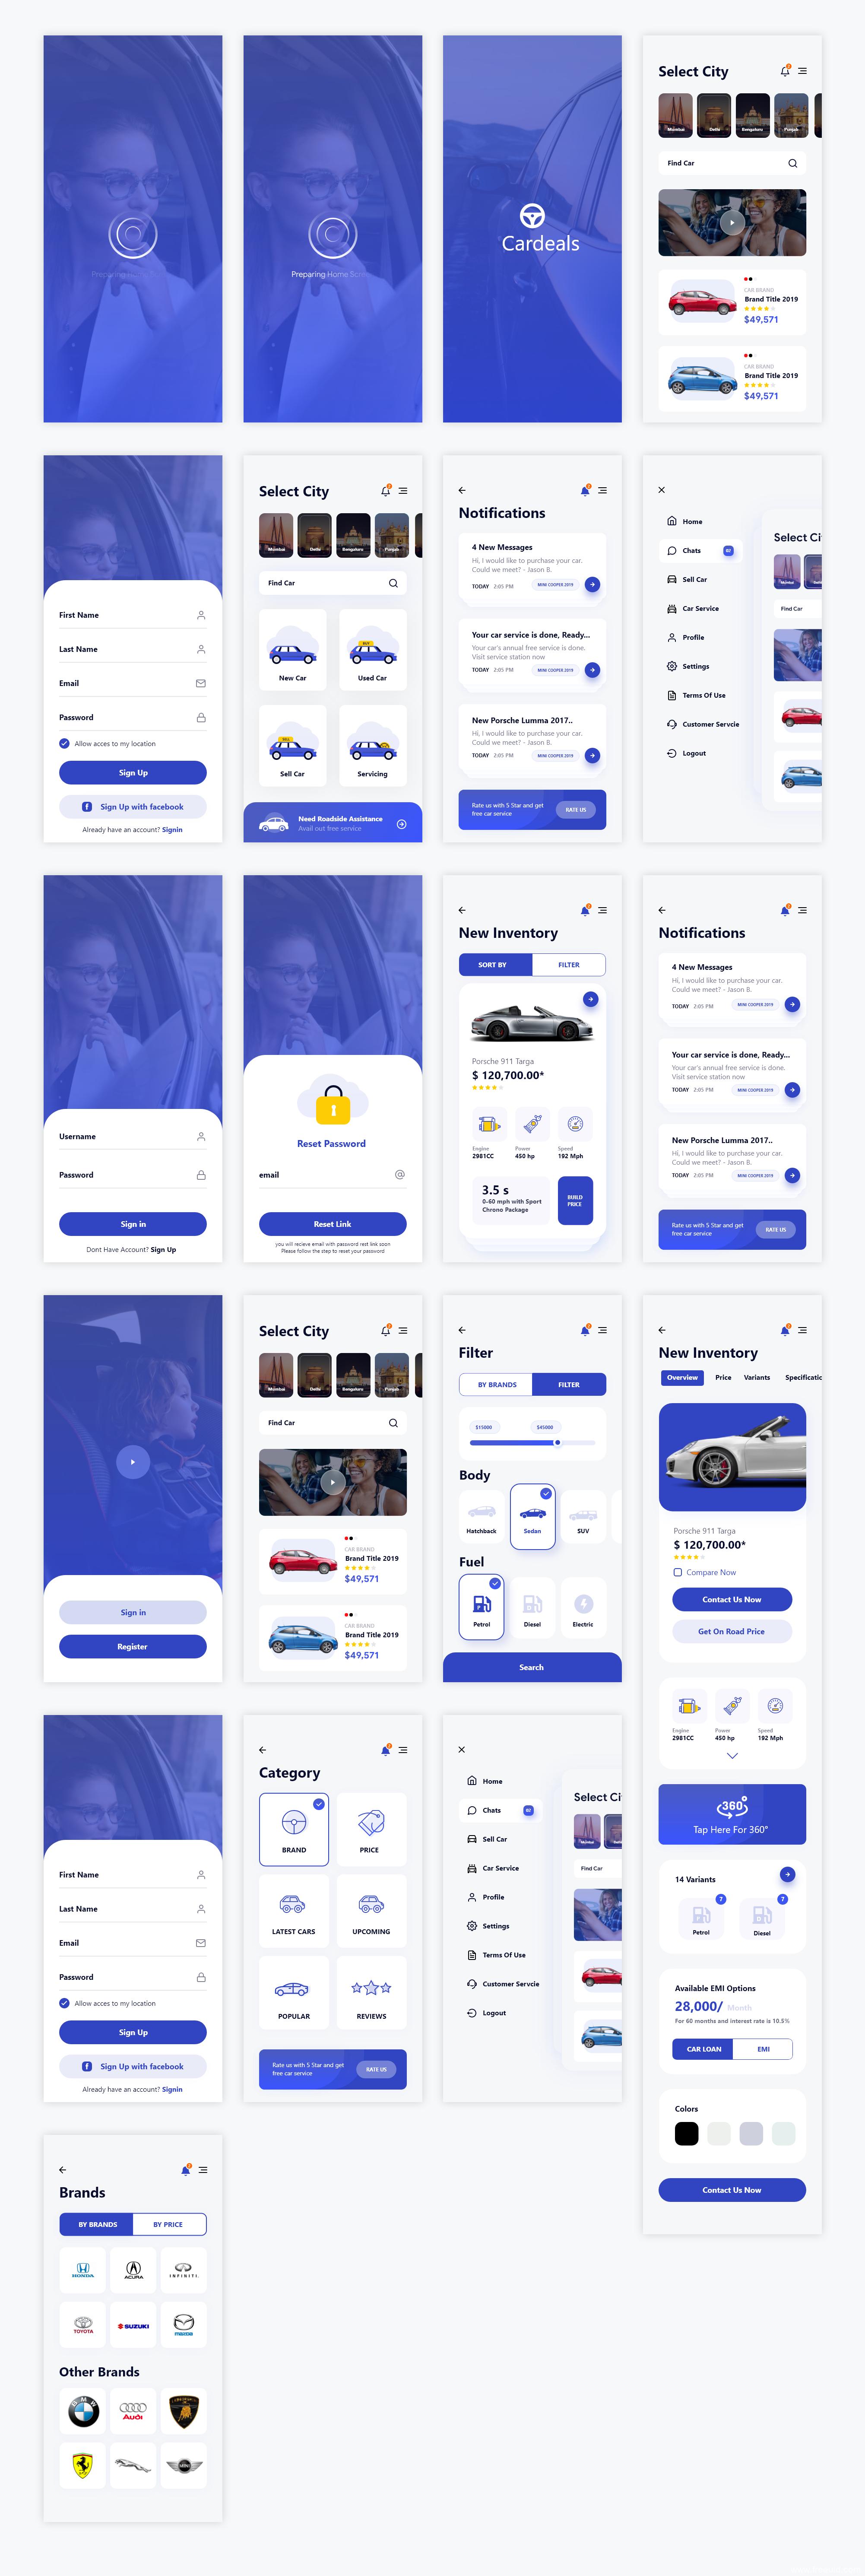 汽车、二手车交易app,UI素材下载,UI资源下载 ui .xd素材下载